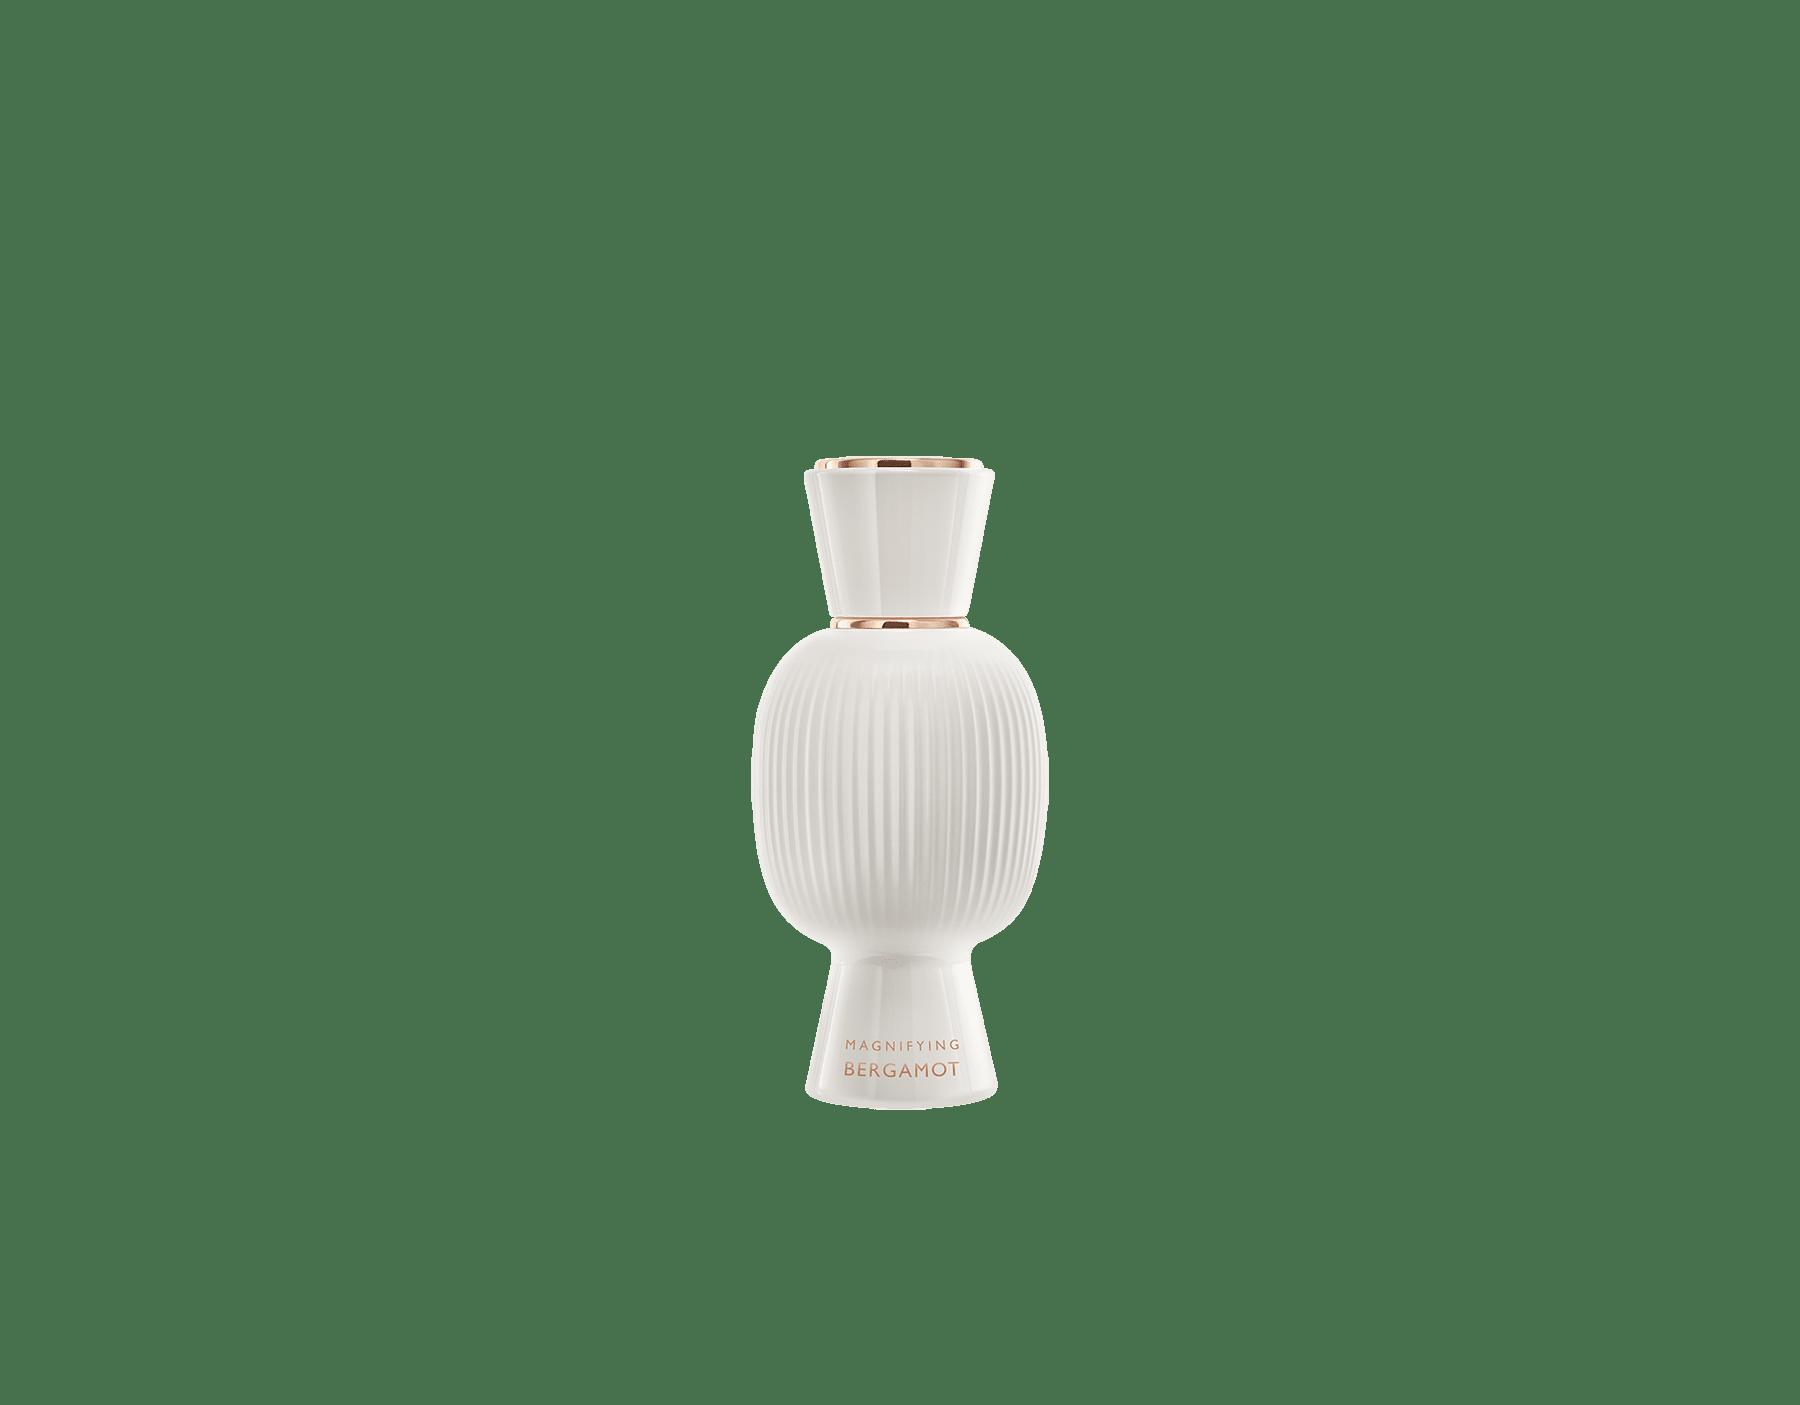 L'énergisante Magnifying Bergamot élève la fraîcheur de votre Eau de Parfum. #MagnifyForMore Joy 41277 image 6